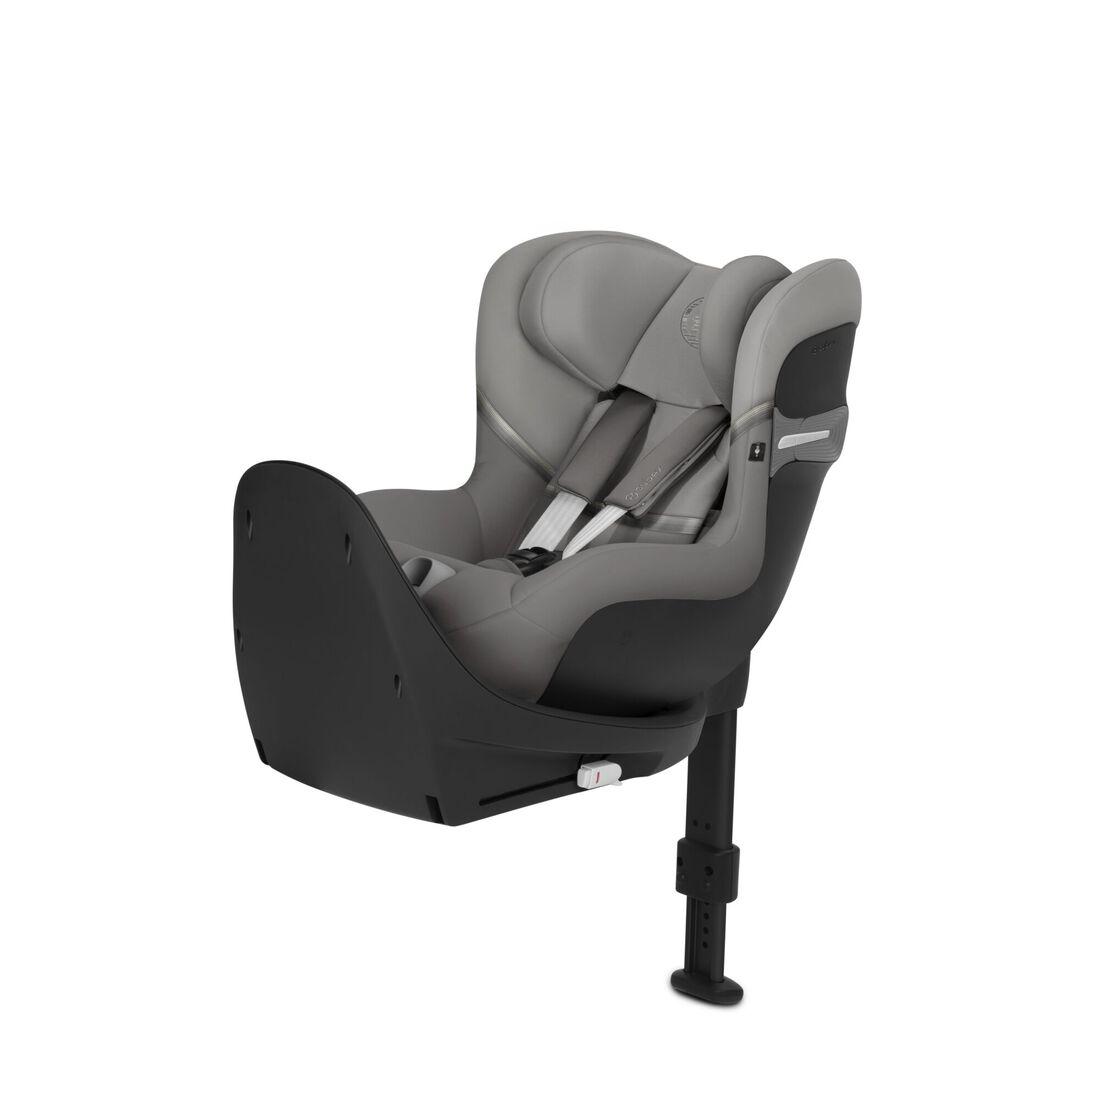 CYBEX Sirona SX2 i-Size - Soho Grey in Soho Grey large image number 1